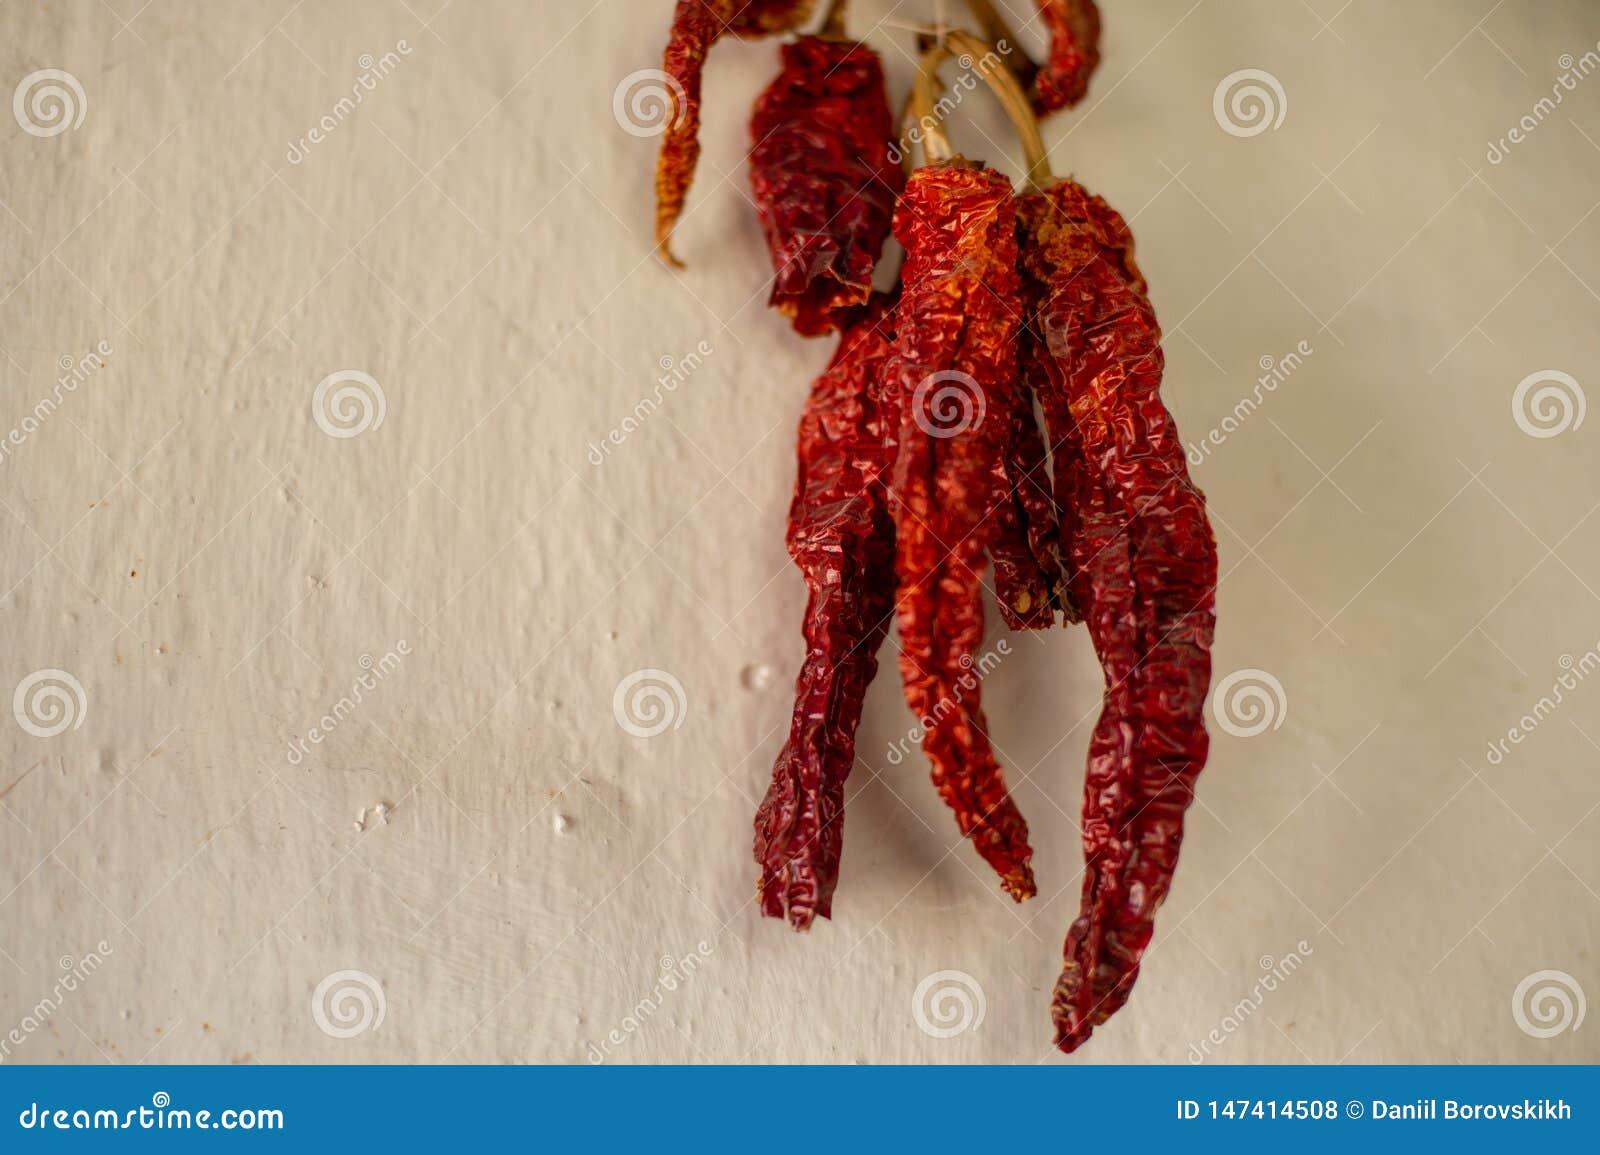 Pimienta roja secada en un paquete en la pared